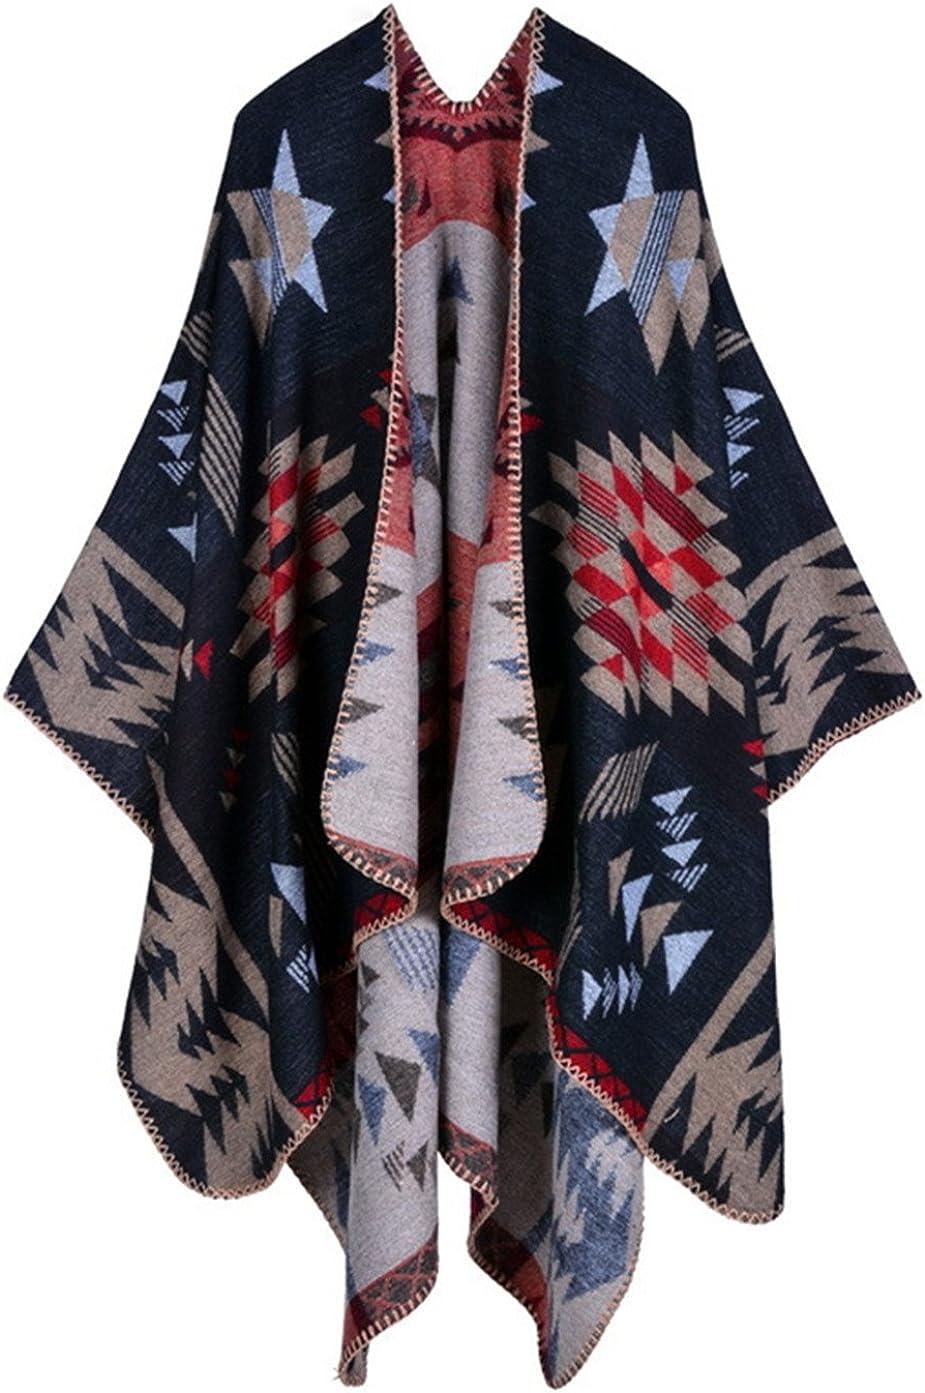 Beunique Femme Poncho Tricot Cape Ouverture Chaud Echarpe Mode Ch/âle Automne Hiver Mode